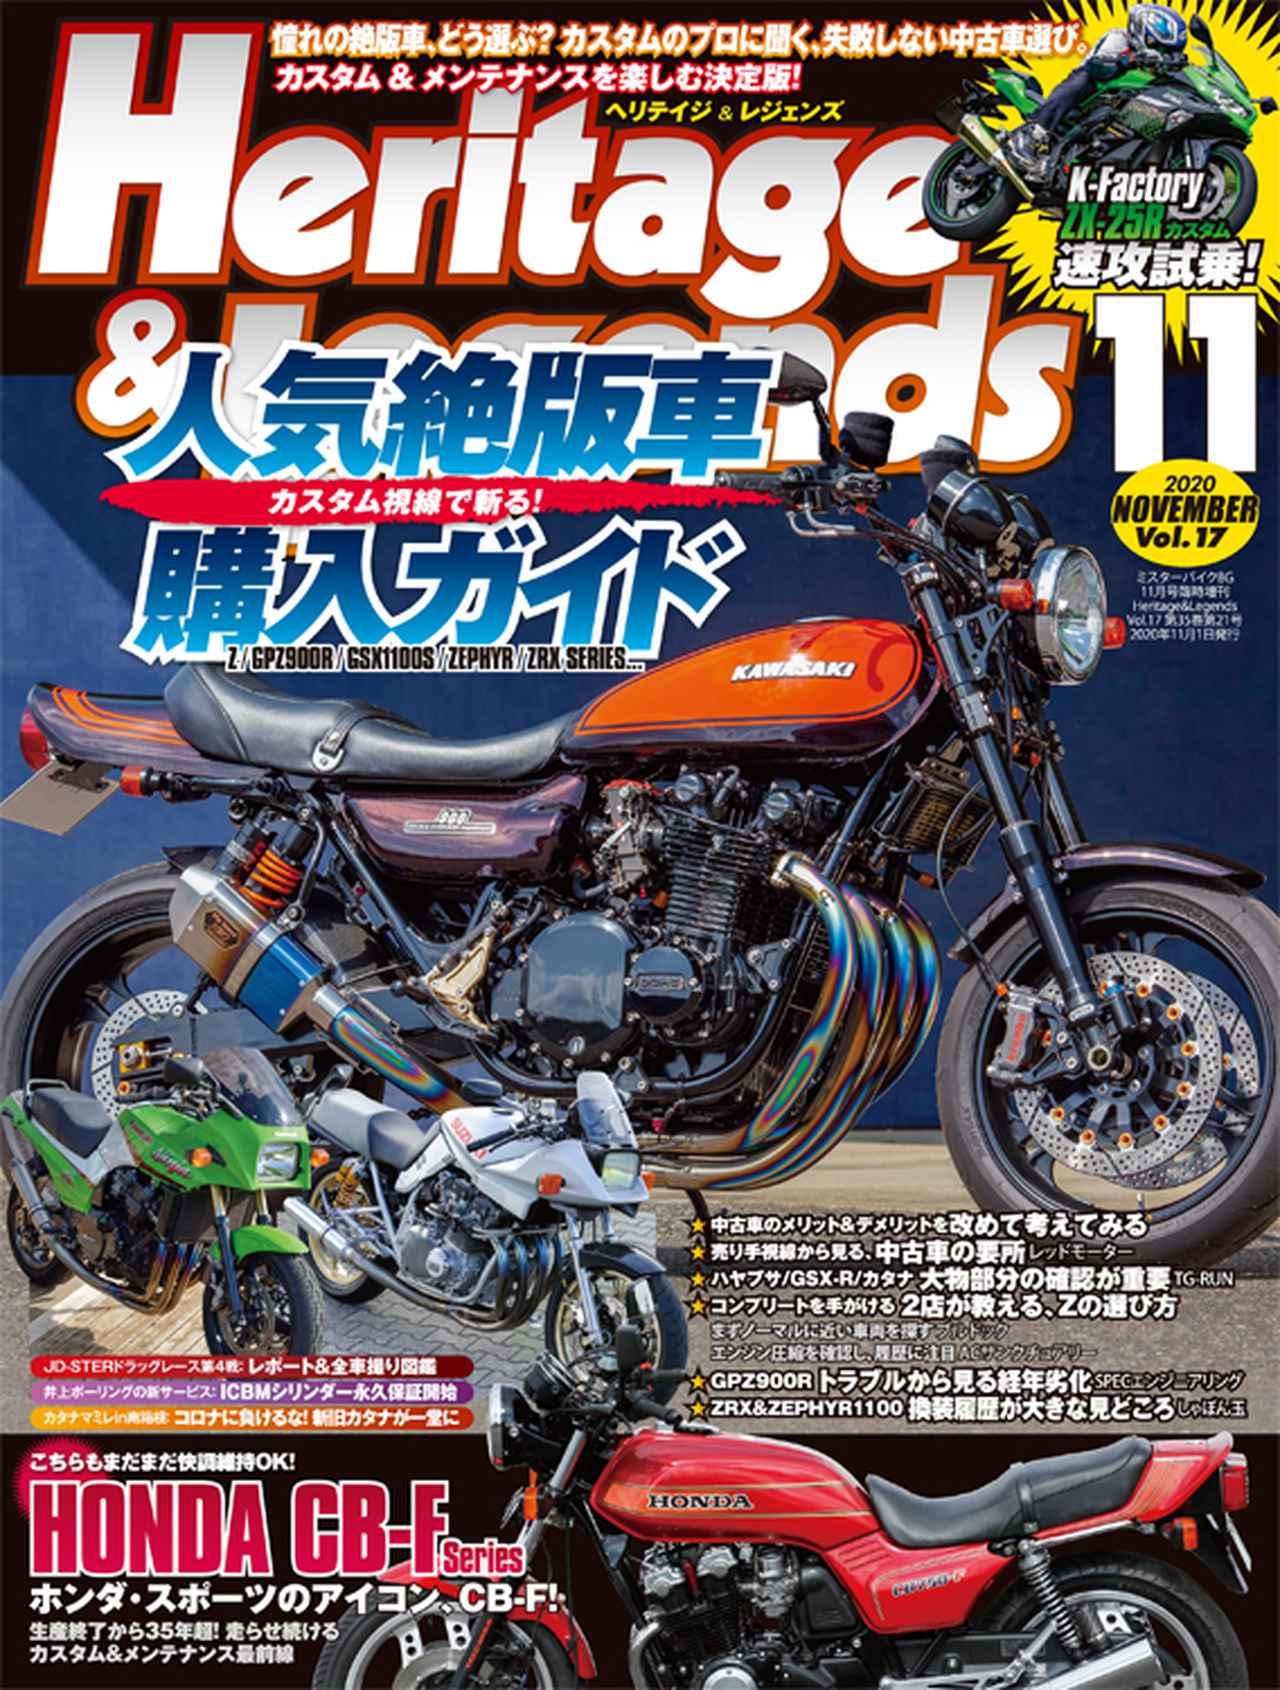 画像: 月刊『ヘリテイジ&レジェンズ』11月号(Vol.17)好評発売中!  ヘリテイジ&レジェンズ Heritage& Legends